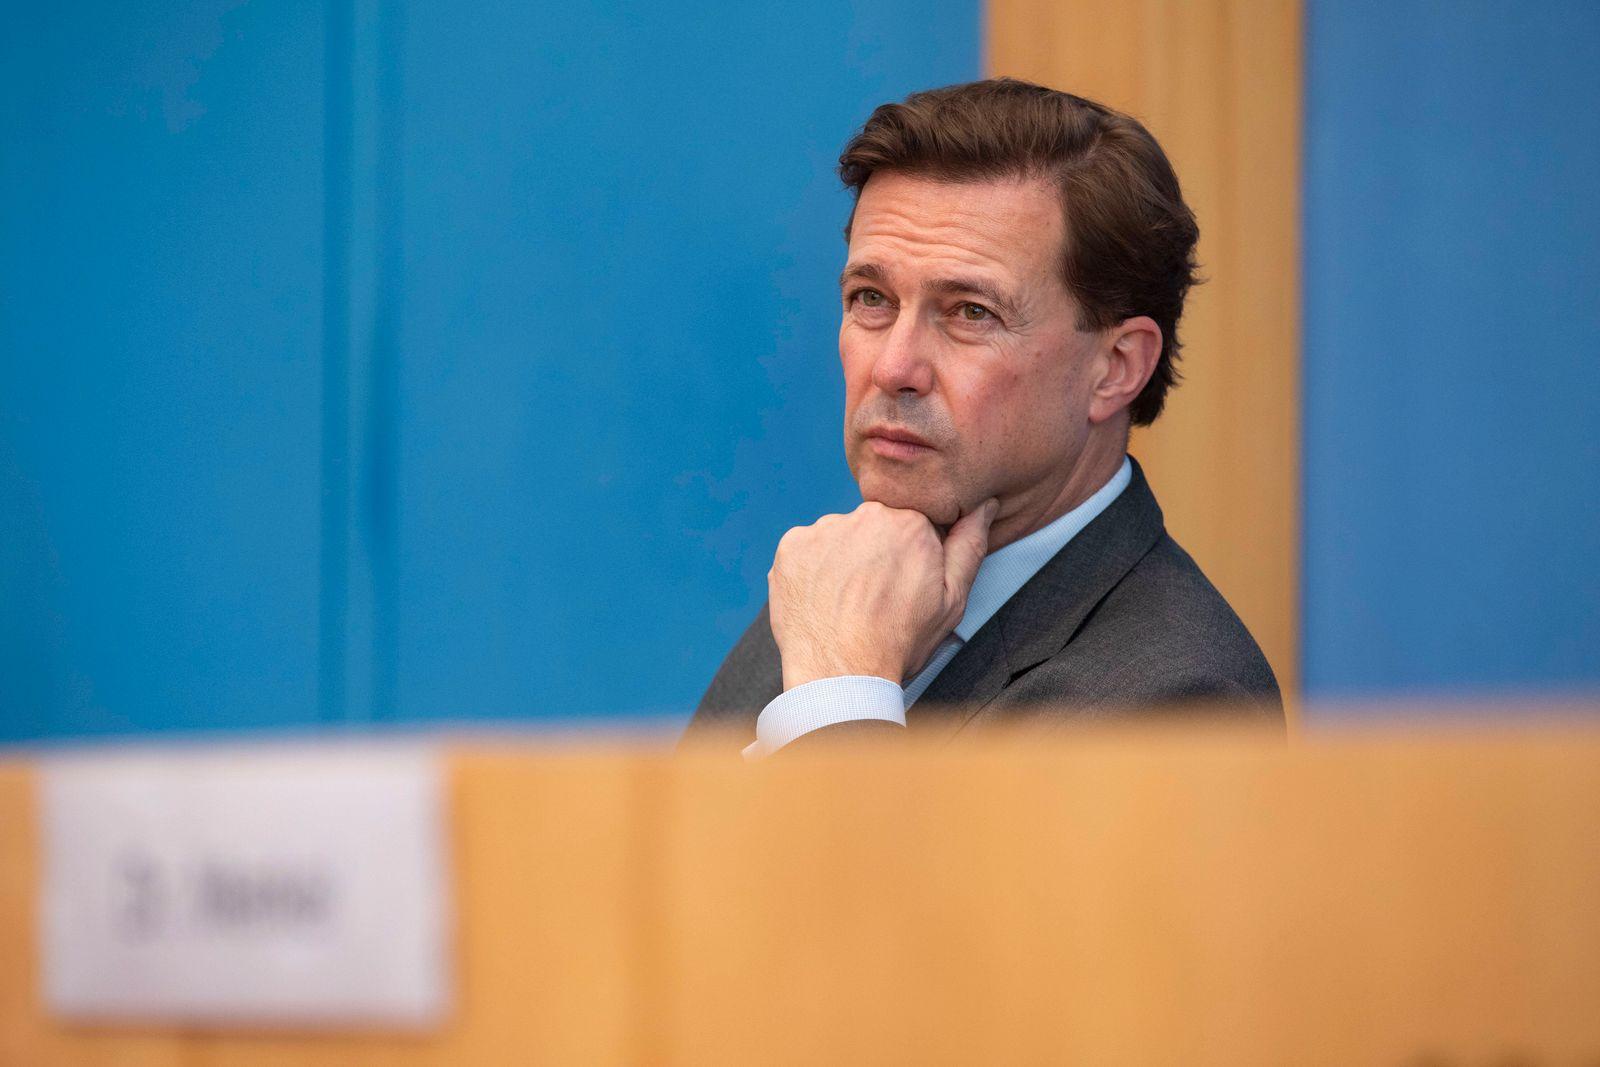 Deutschland, Berlin, Bundespressekonferenz, Thema Die Datenschutzgrundverordnung, Bundeskanzlerin Angela Merkel CDU, Re